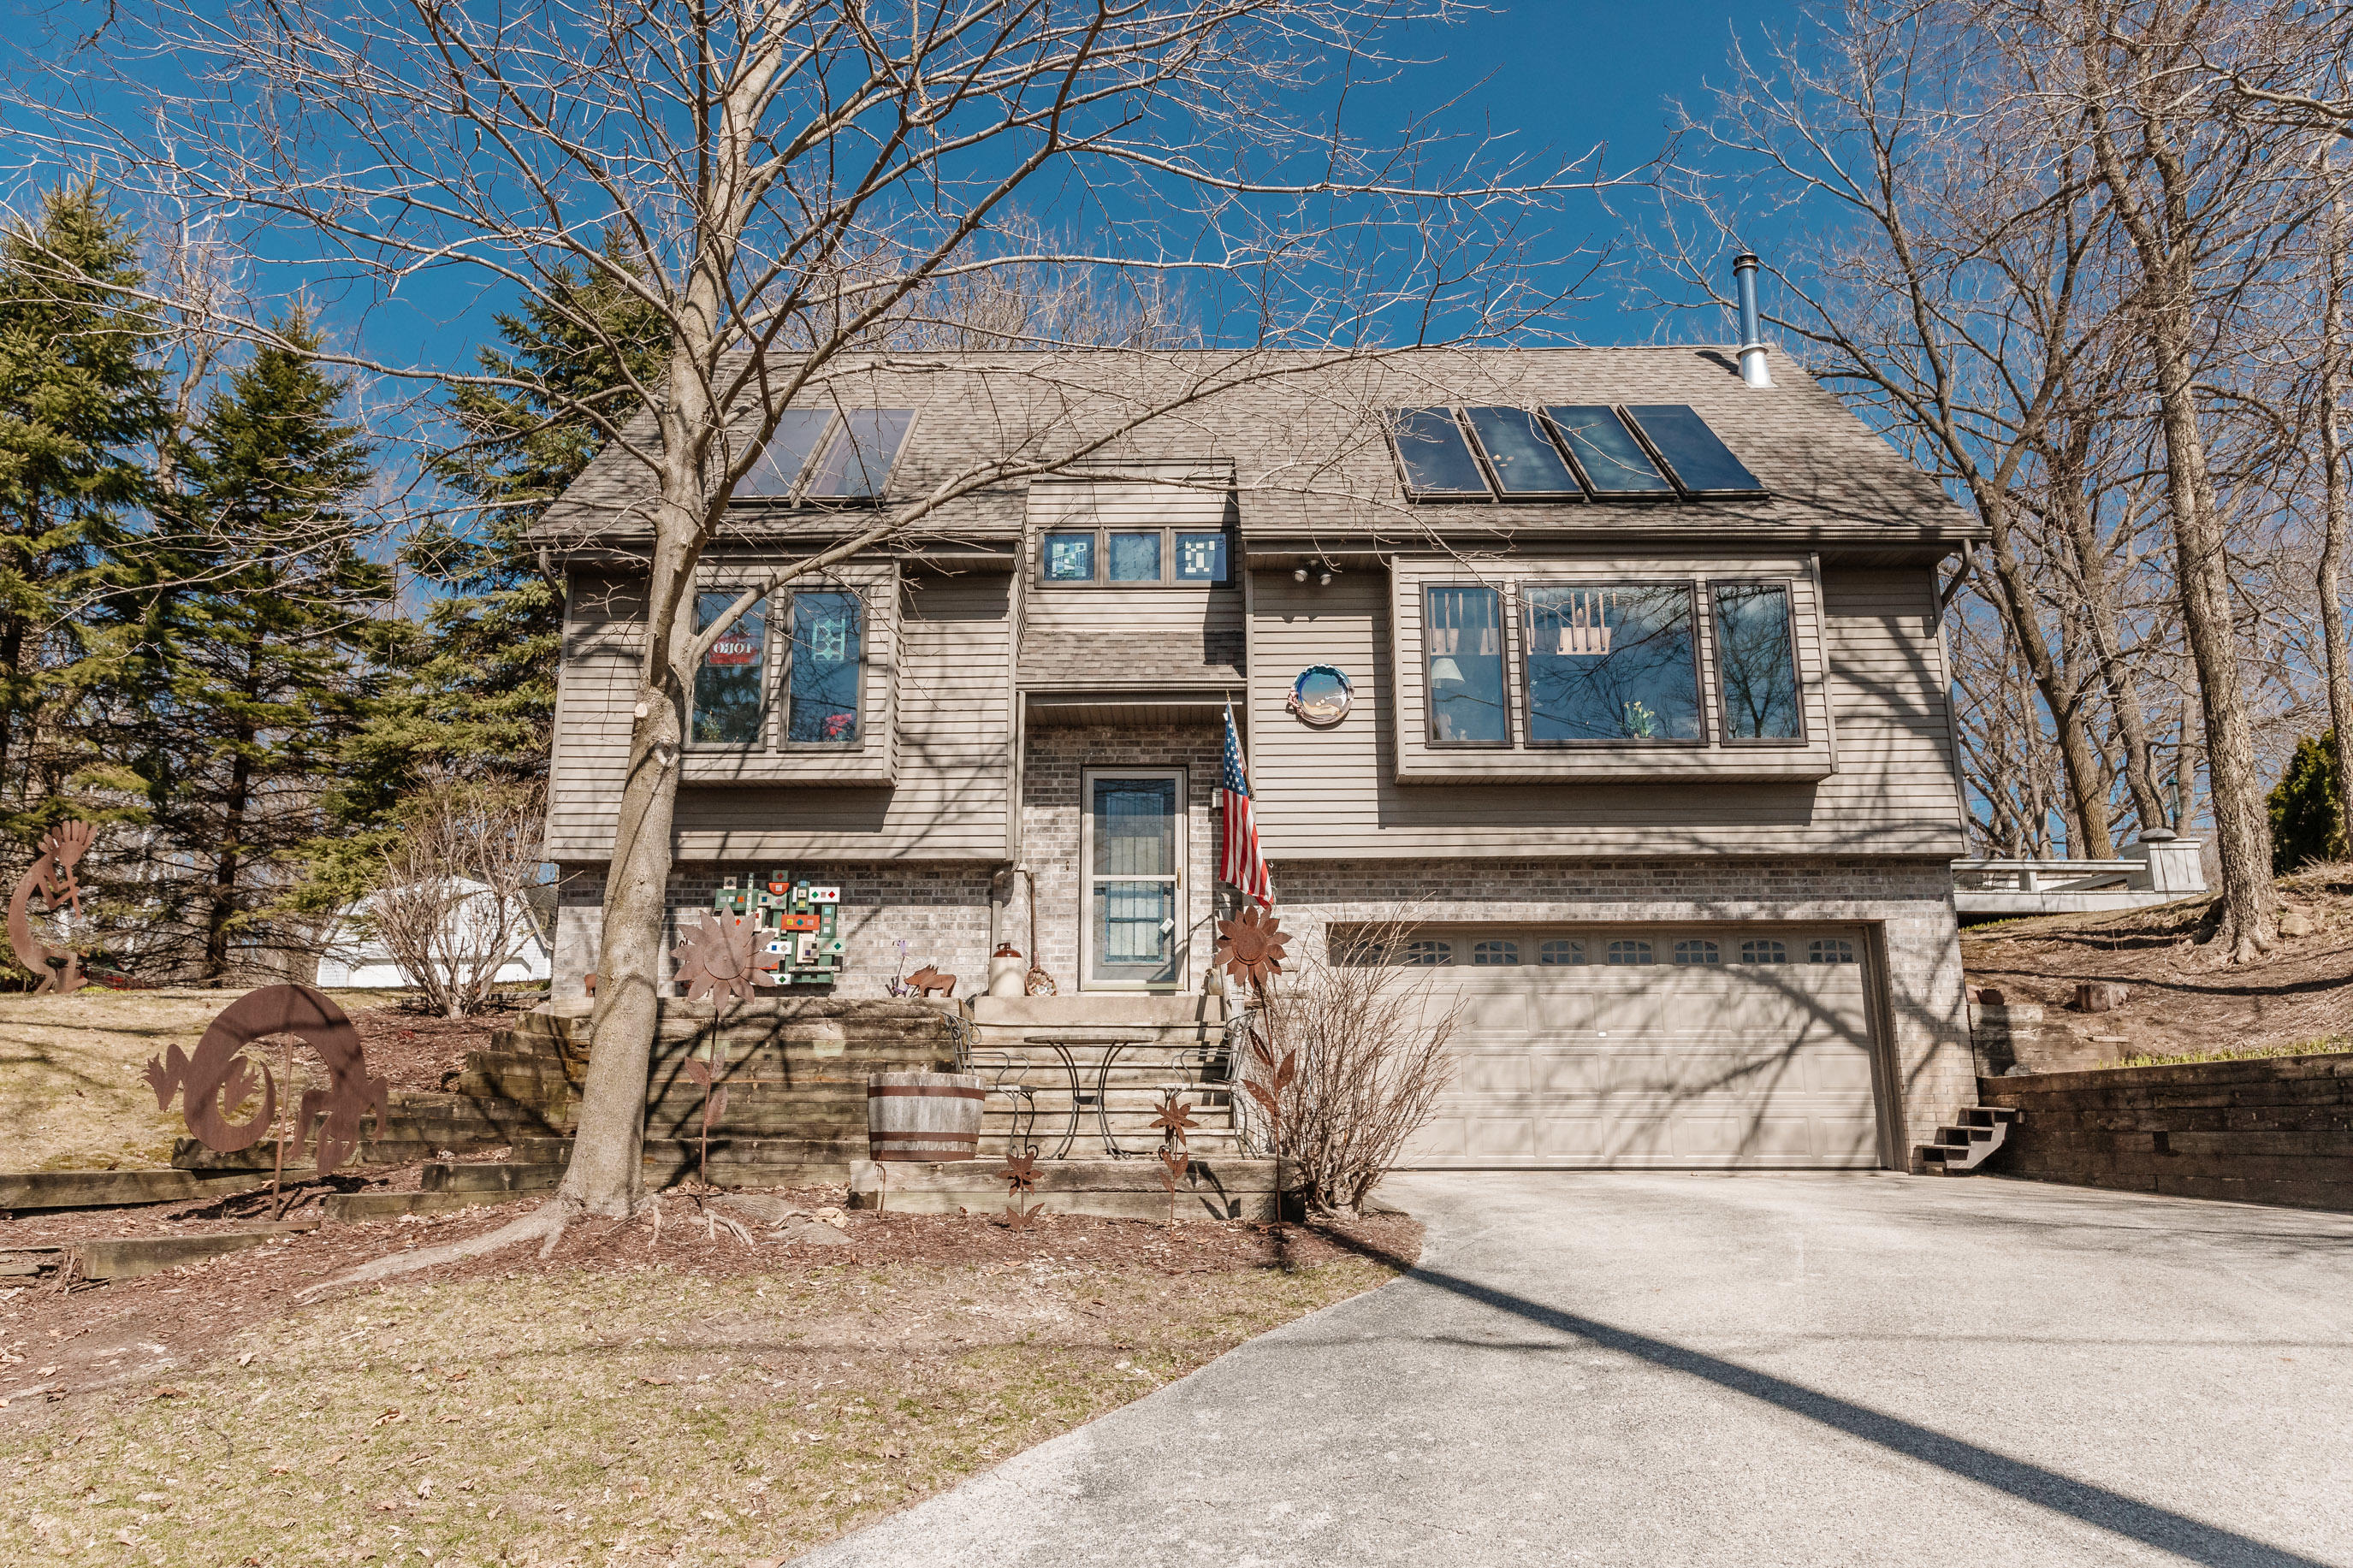 N28W29798 Oakwood Grove Rd, Delafield, Wisconsin 53072, 3 Bedrooms Bedrooms, 7 Rooms Rooms,2 BathroomsBathrooms,Single-Family,For Sale,Oakwood Grove Rd,1732998